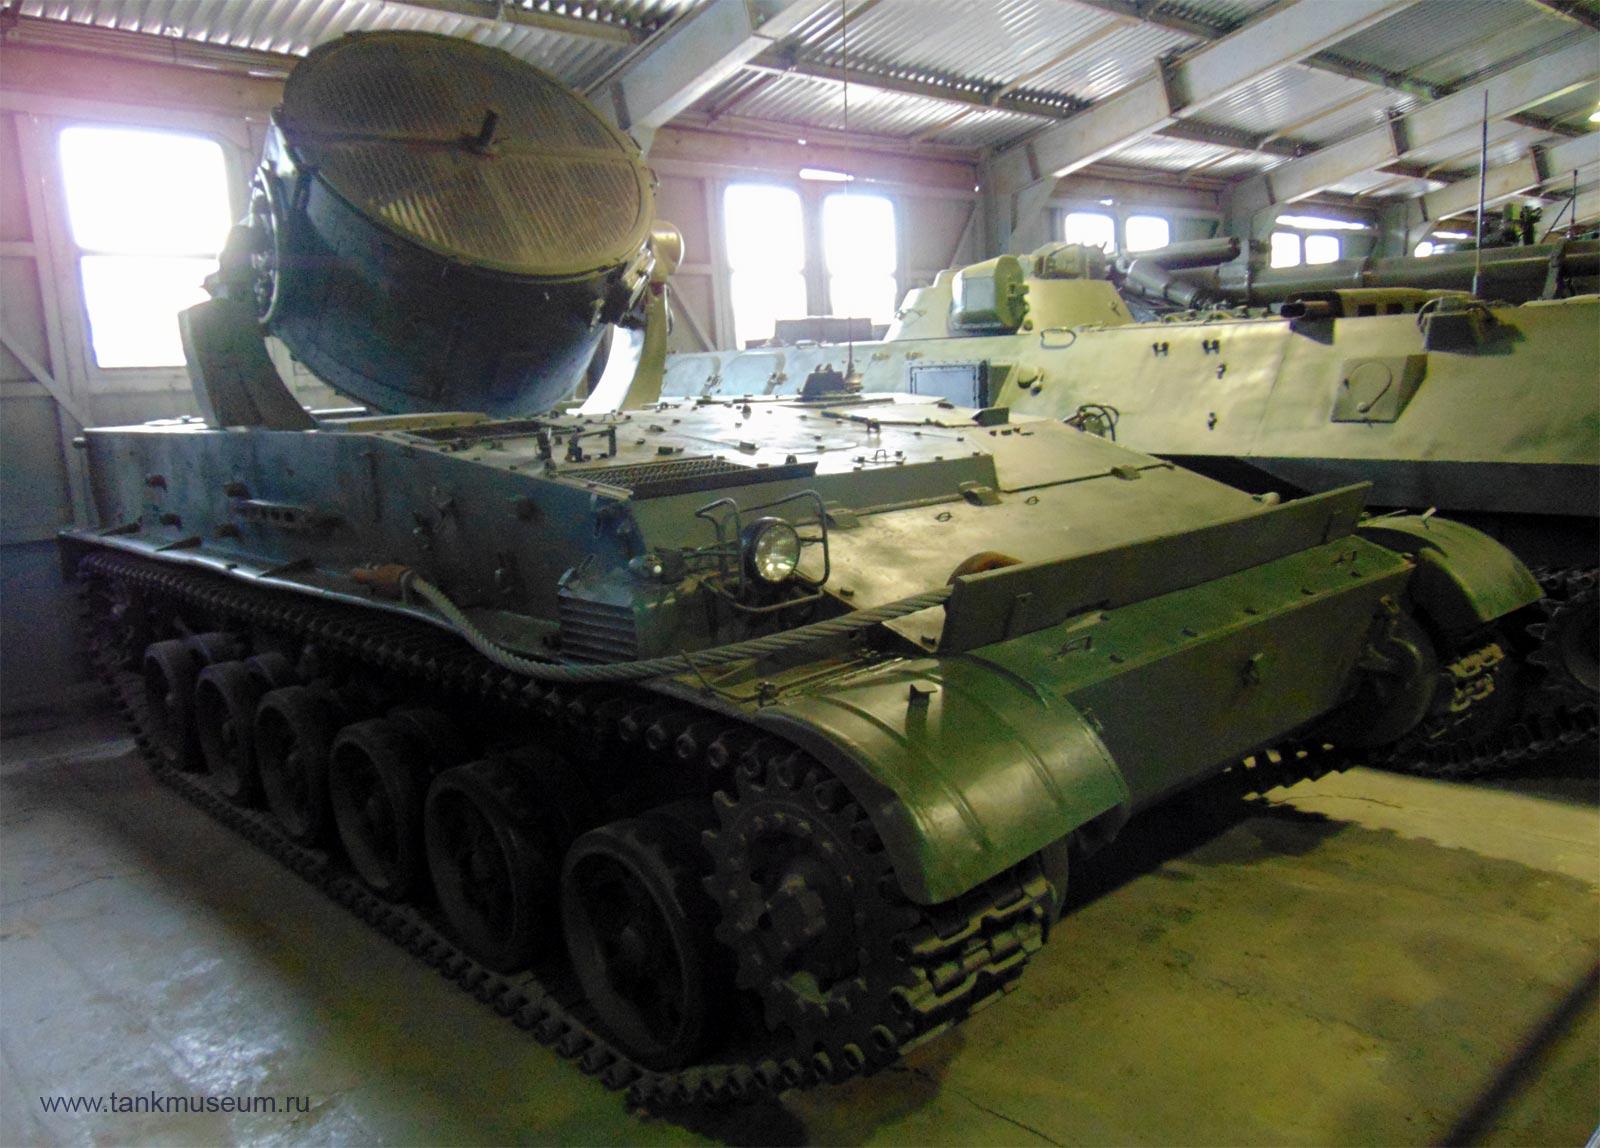 Самоходная прожекторная установка СПУ, танковый музей Кубинка